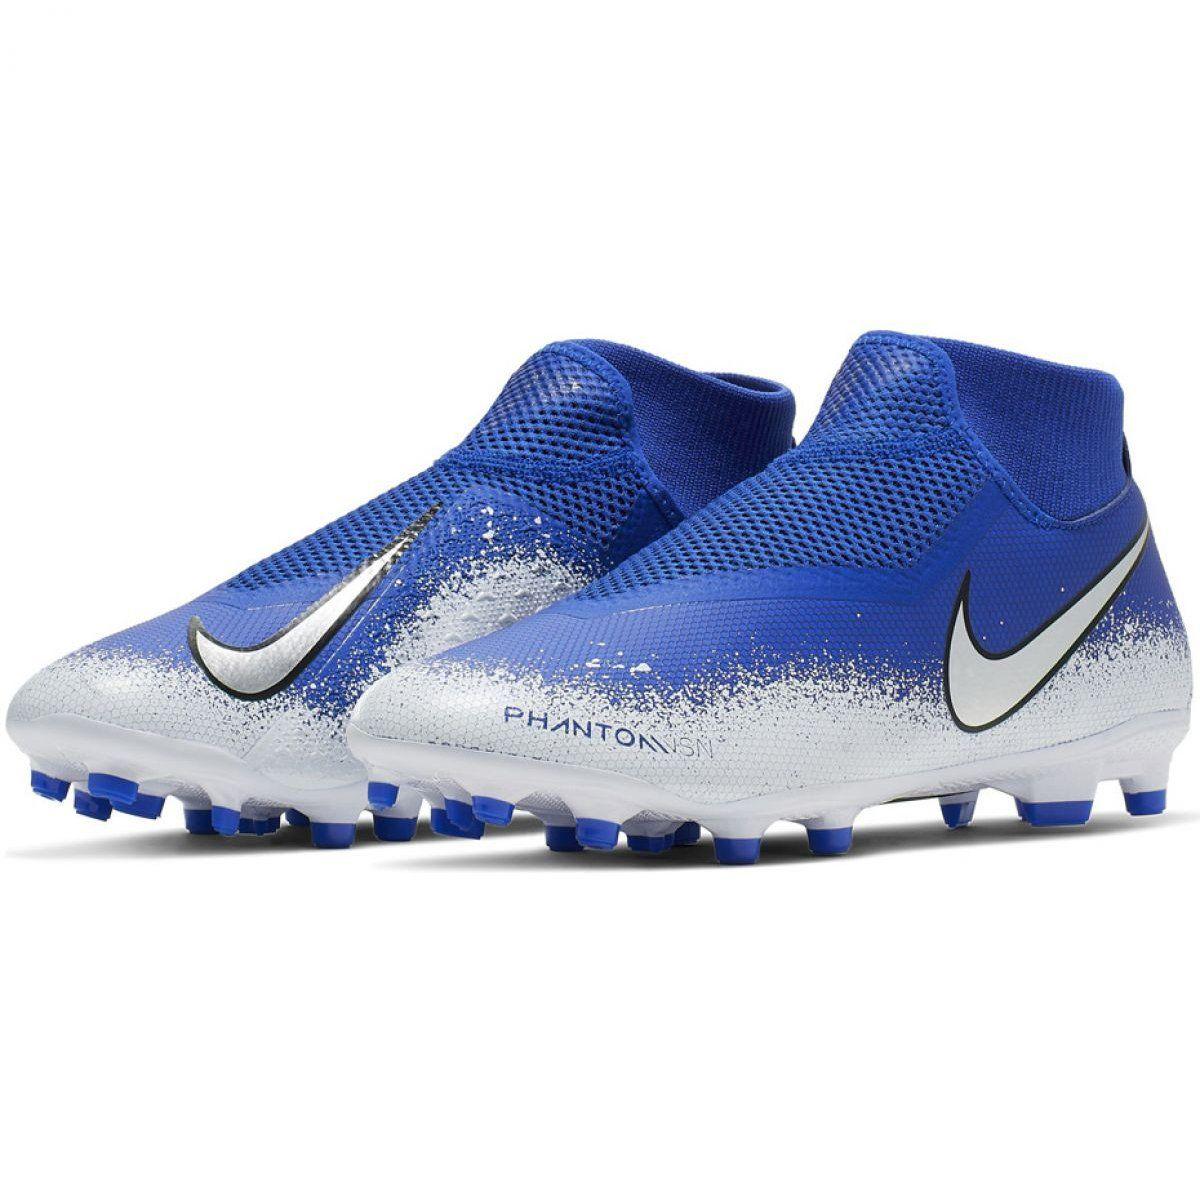 Buty Pilkarskie Nike Phantom Vsn Academy Df Fg Mg M Ao3258 410